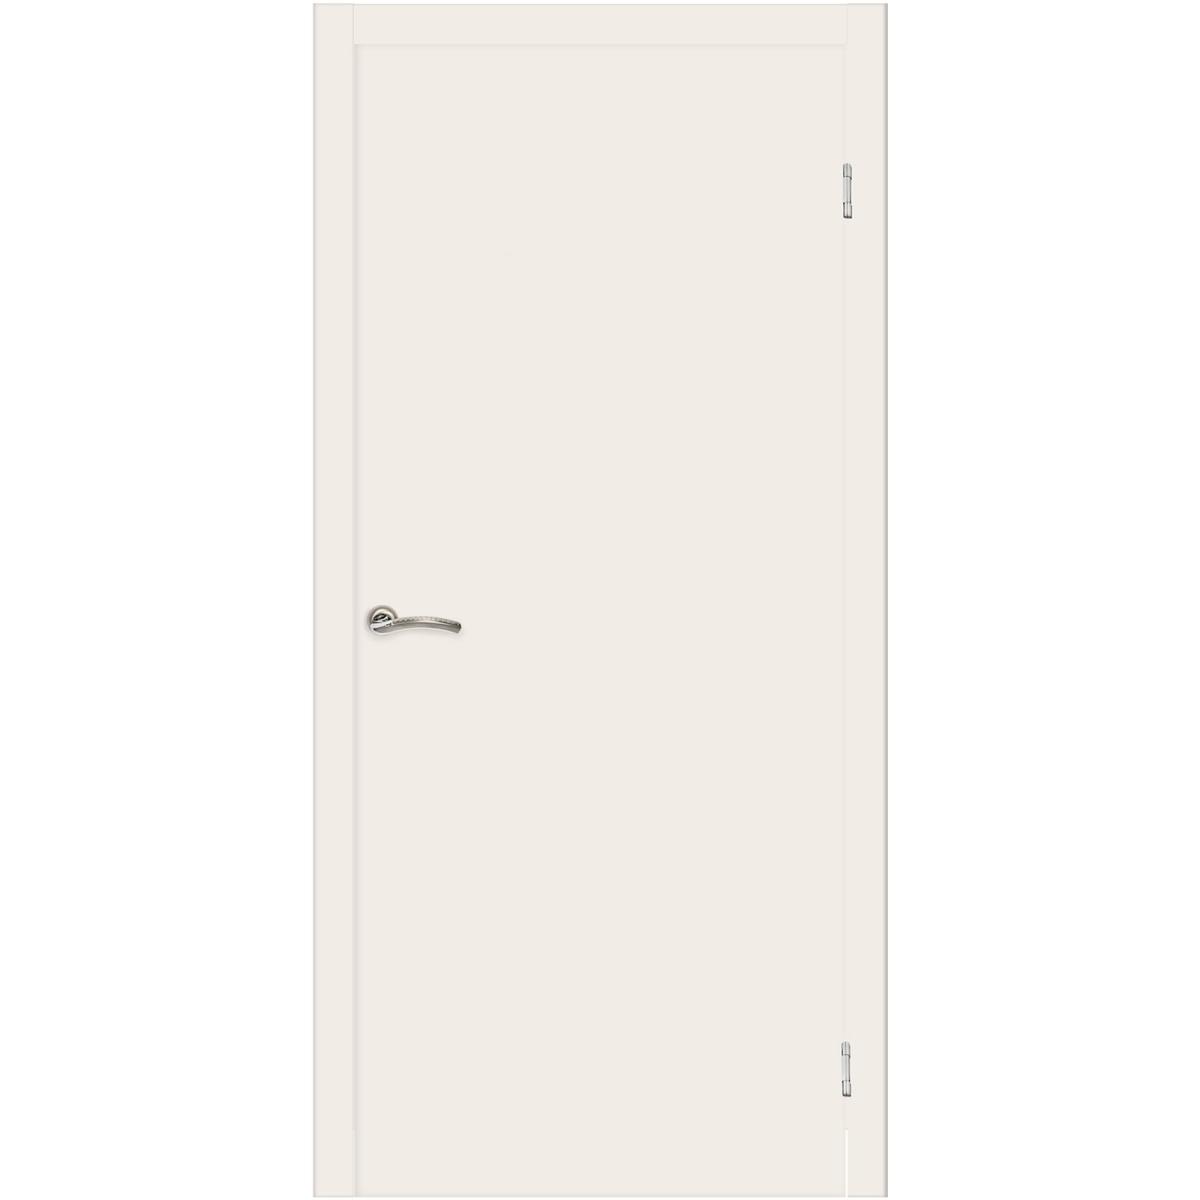 Дверь Межкомнатная Глухая 60x200 Ламинация Цвет Белый